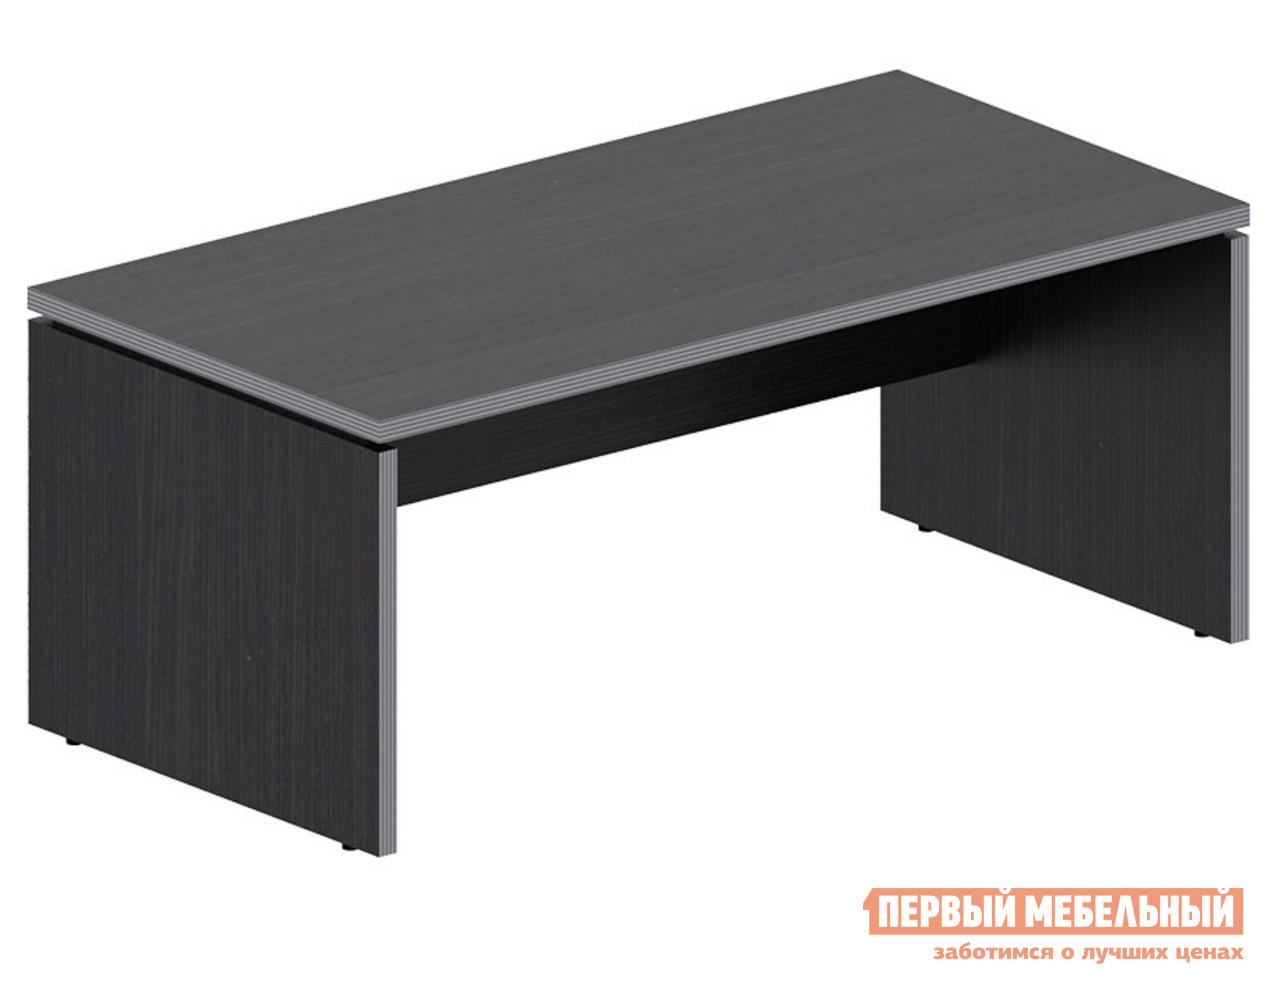 Письменный стол Тайпит TST 189 письменный стол васко соло 021